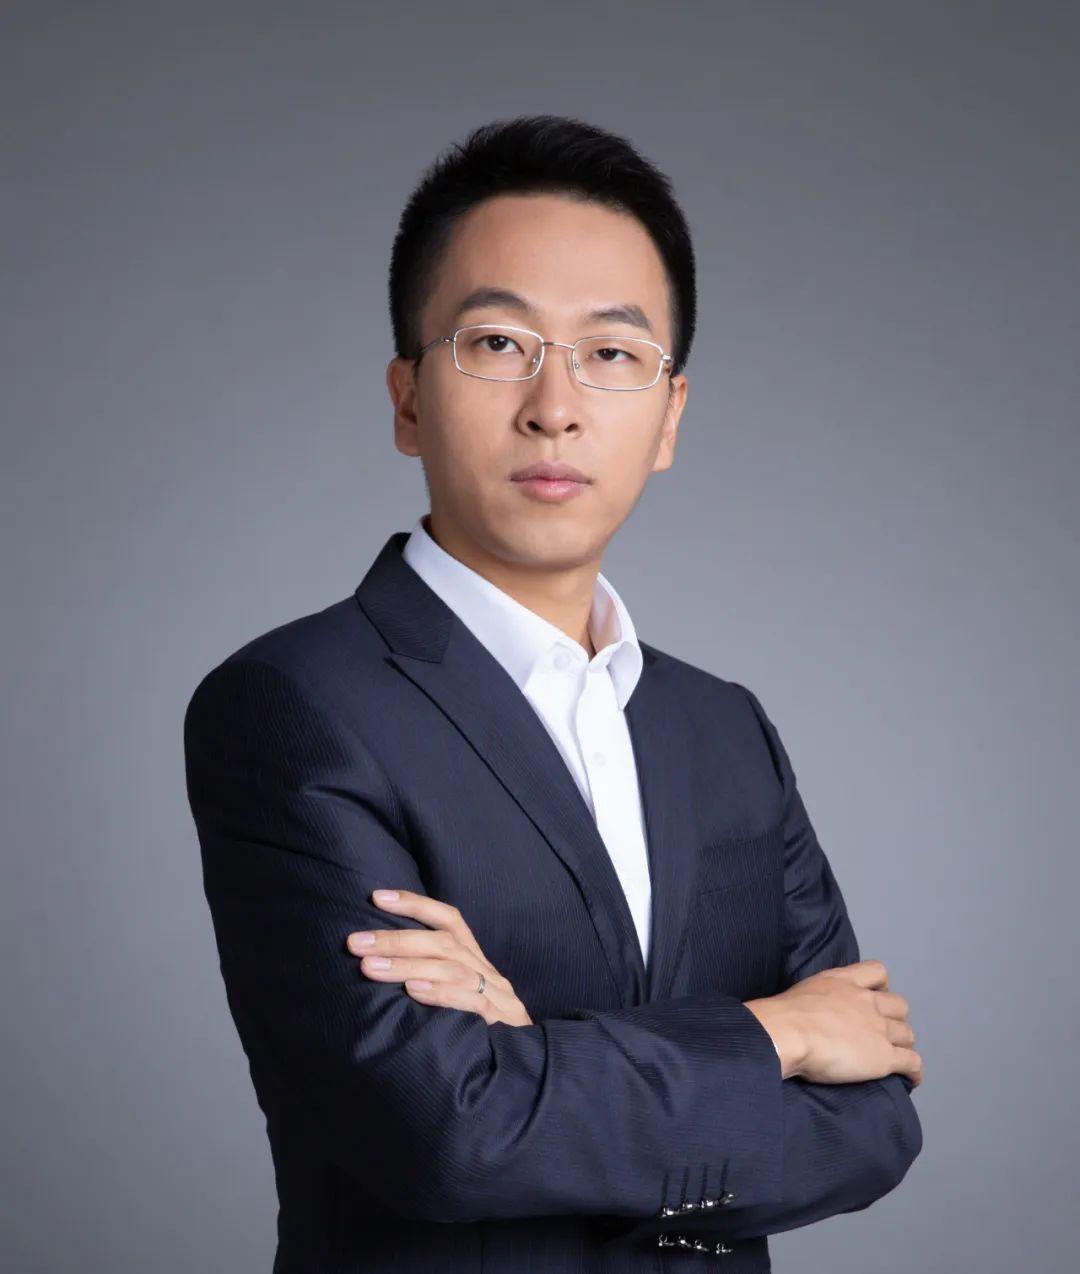 【民生研究】民生证券军工首席王一川荣获东方财富2020年度军工行业最佳分析师